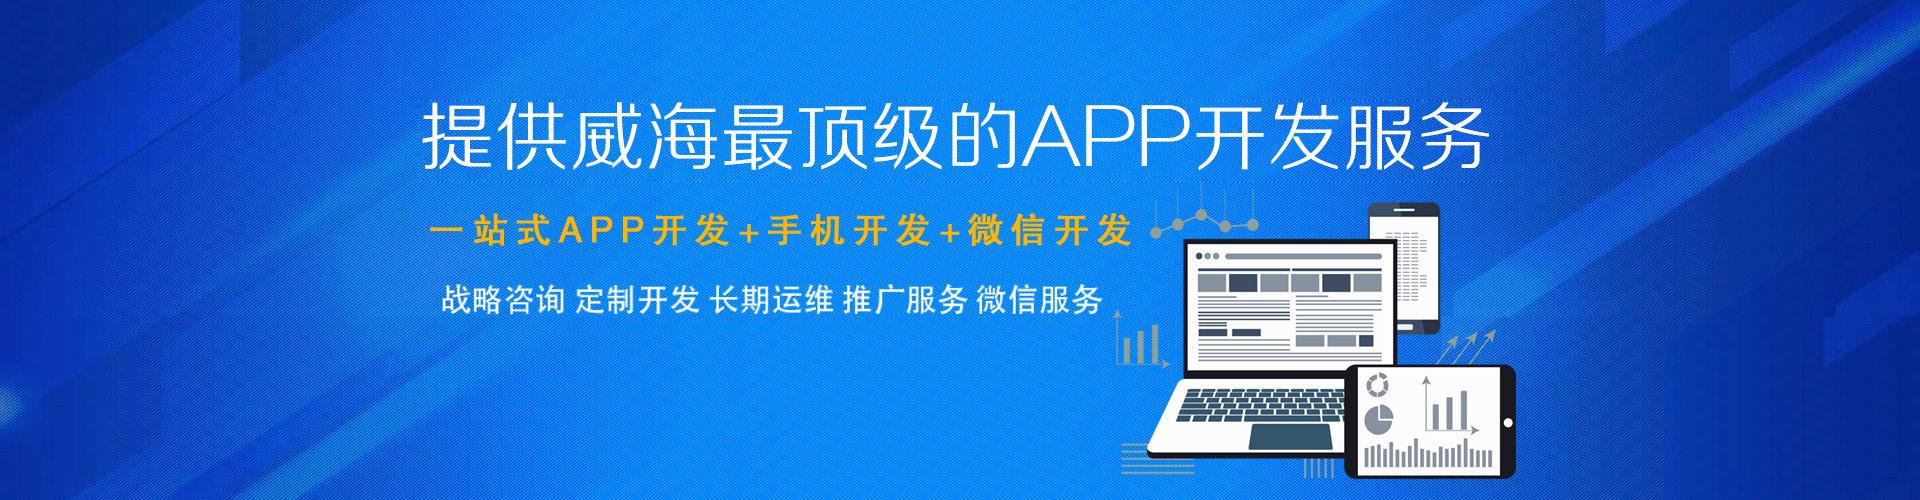 威海app开发公司